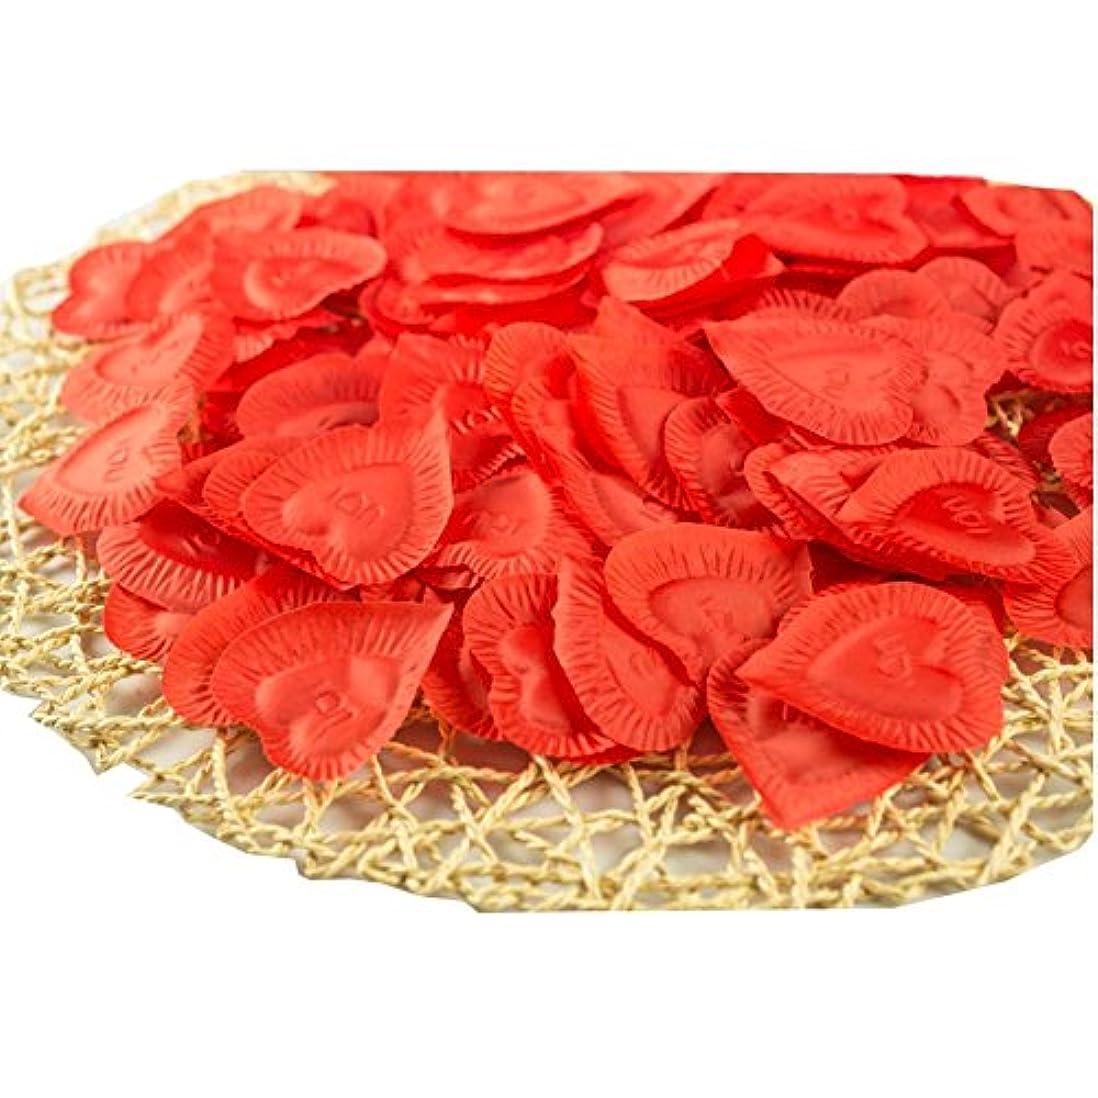 増強するマインドフル行き当たりばったり人工花の花びらバレンタイン結婚パーティーデコレーション840個